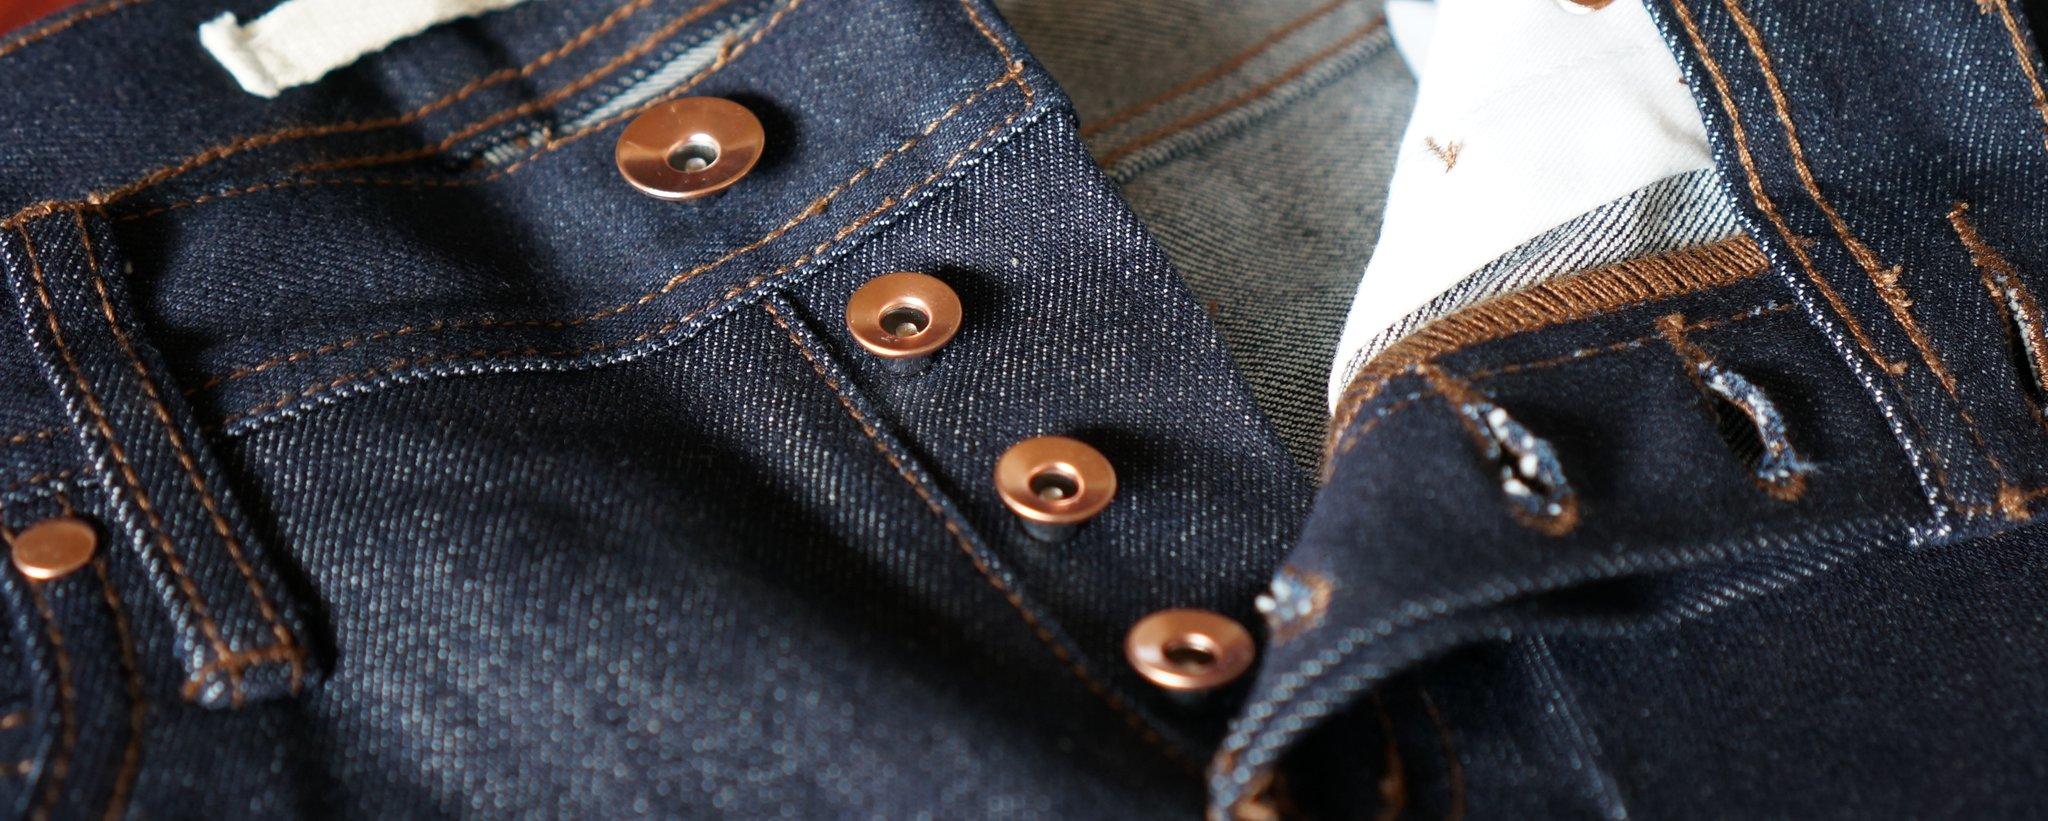 Jeans da The Unbranded Brand / Reprodução